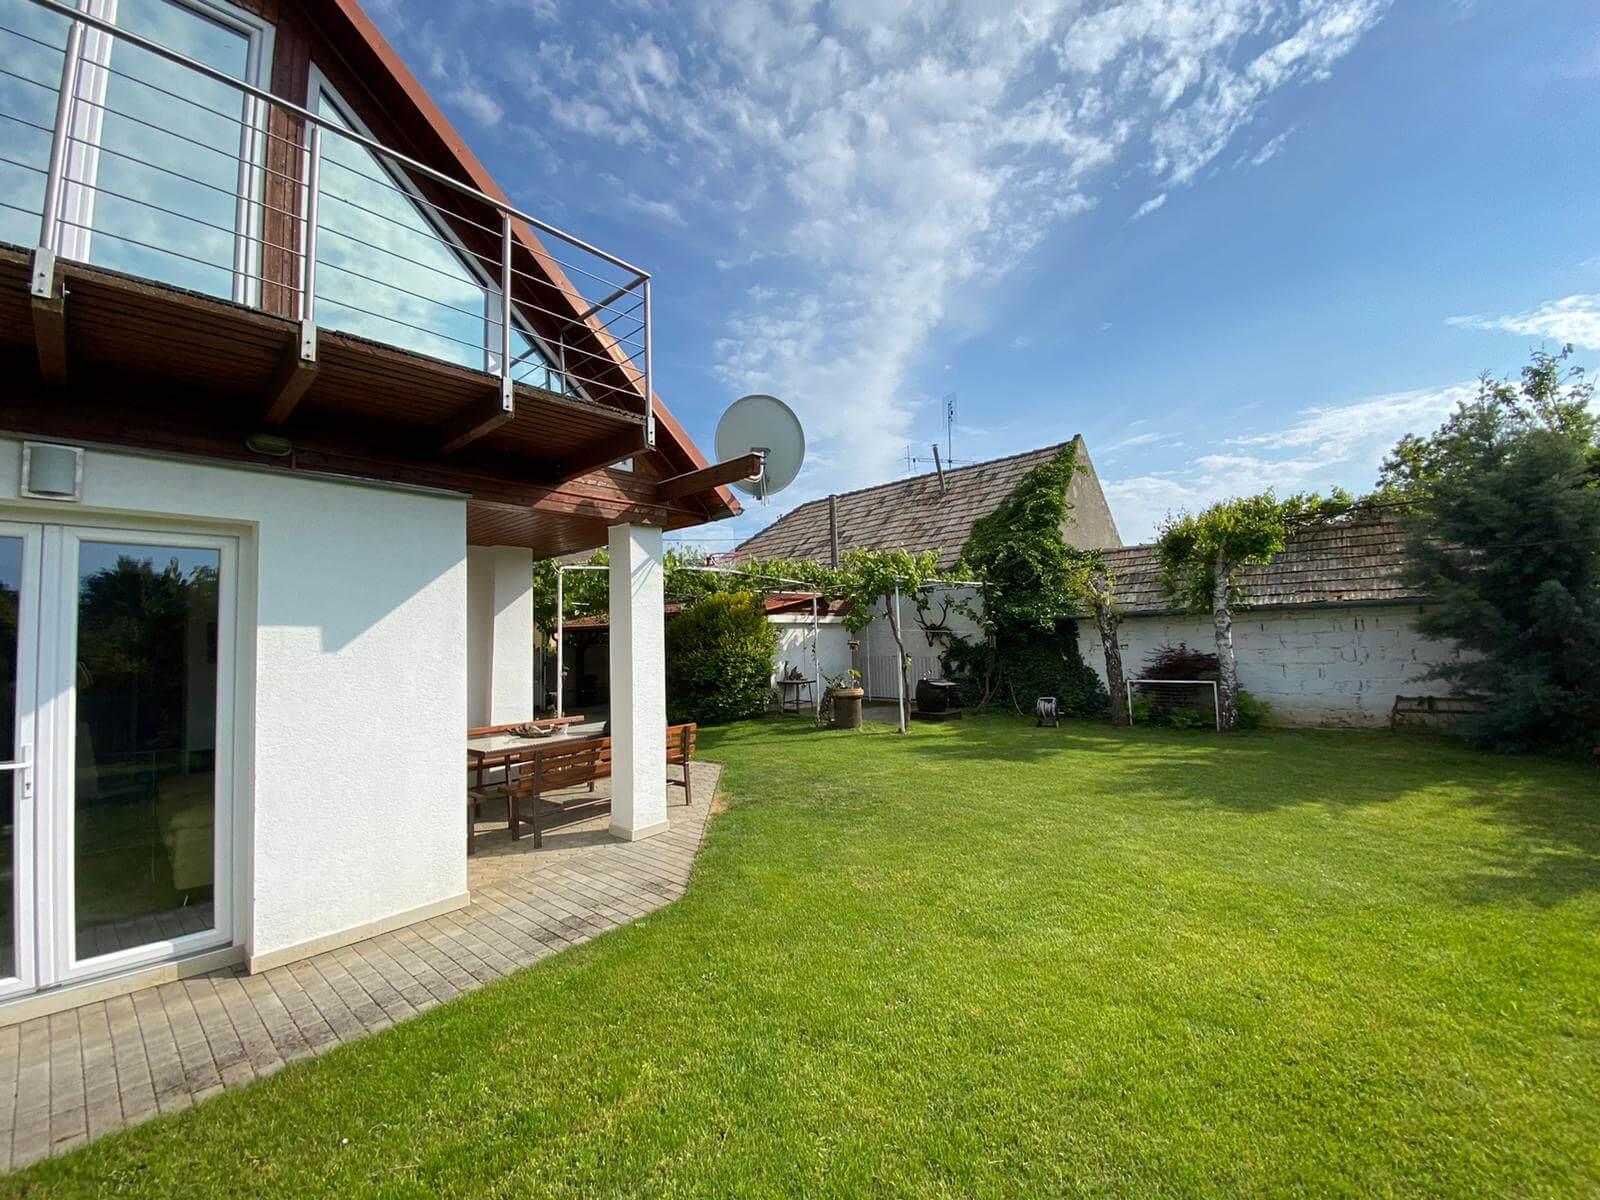 Predané: Predaj Rodinný dom v Šoporni, v tichej lokalite, pozemok 674m2, úžitková plocha 181m2,záhrada, kôlňa-5